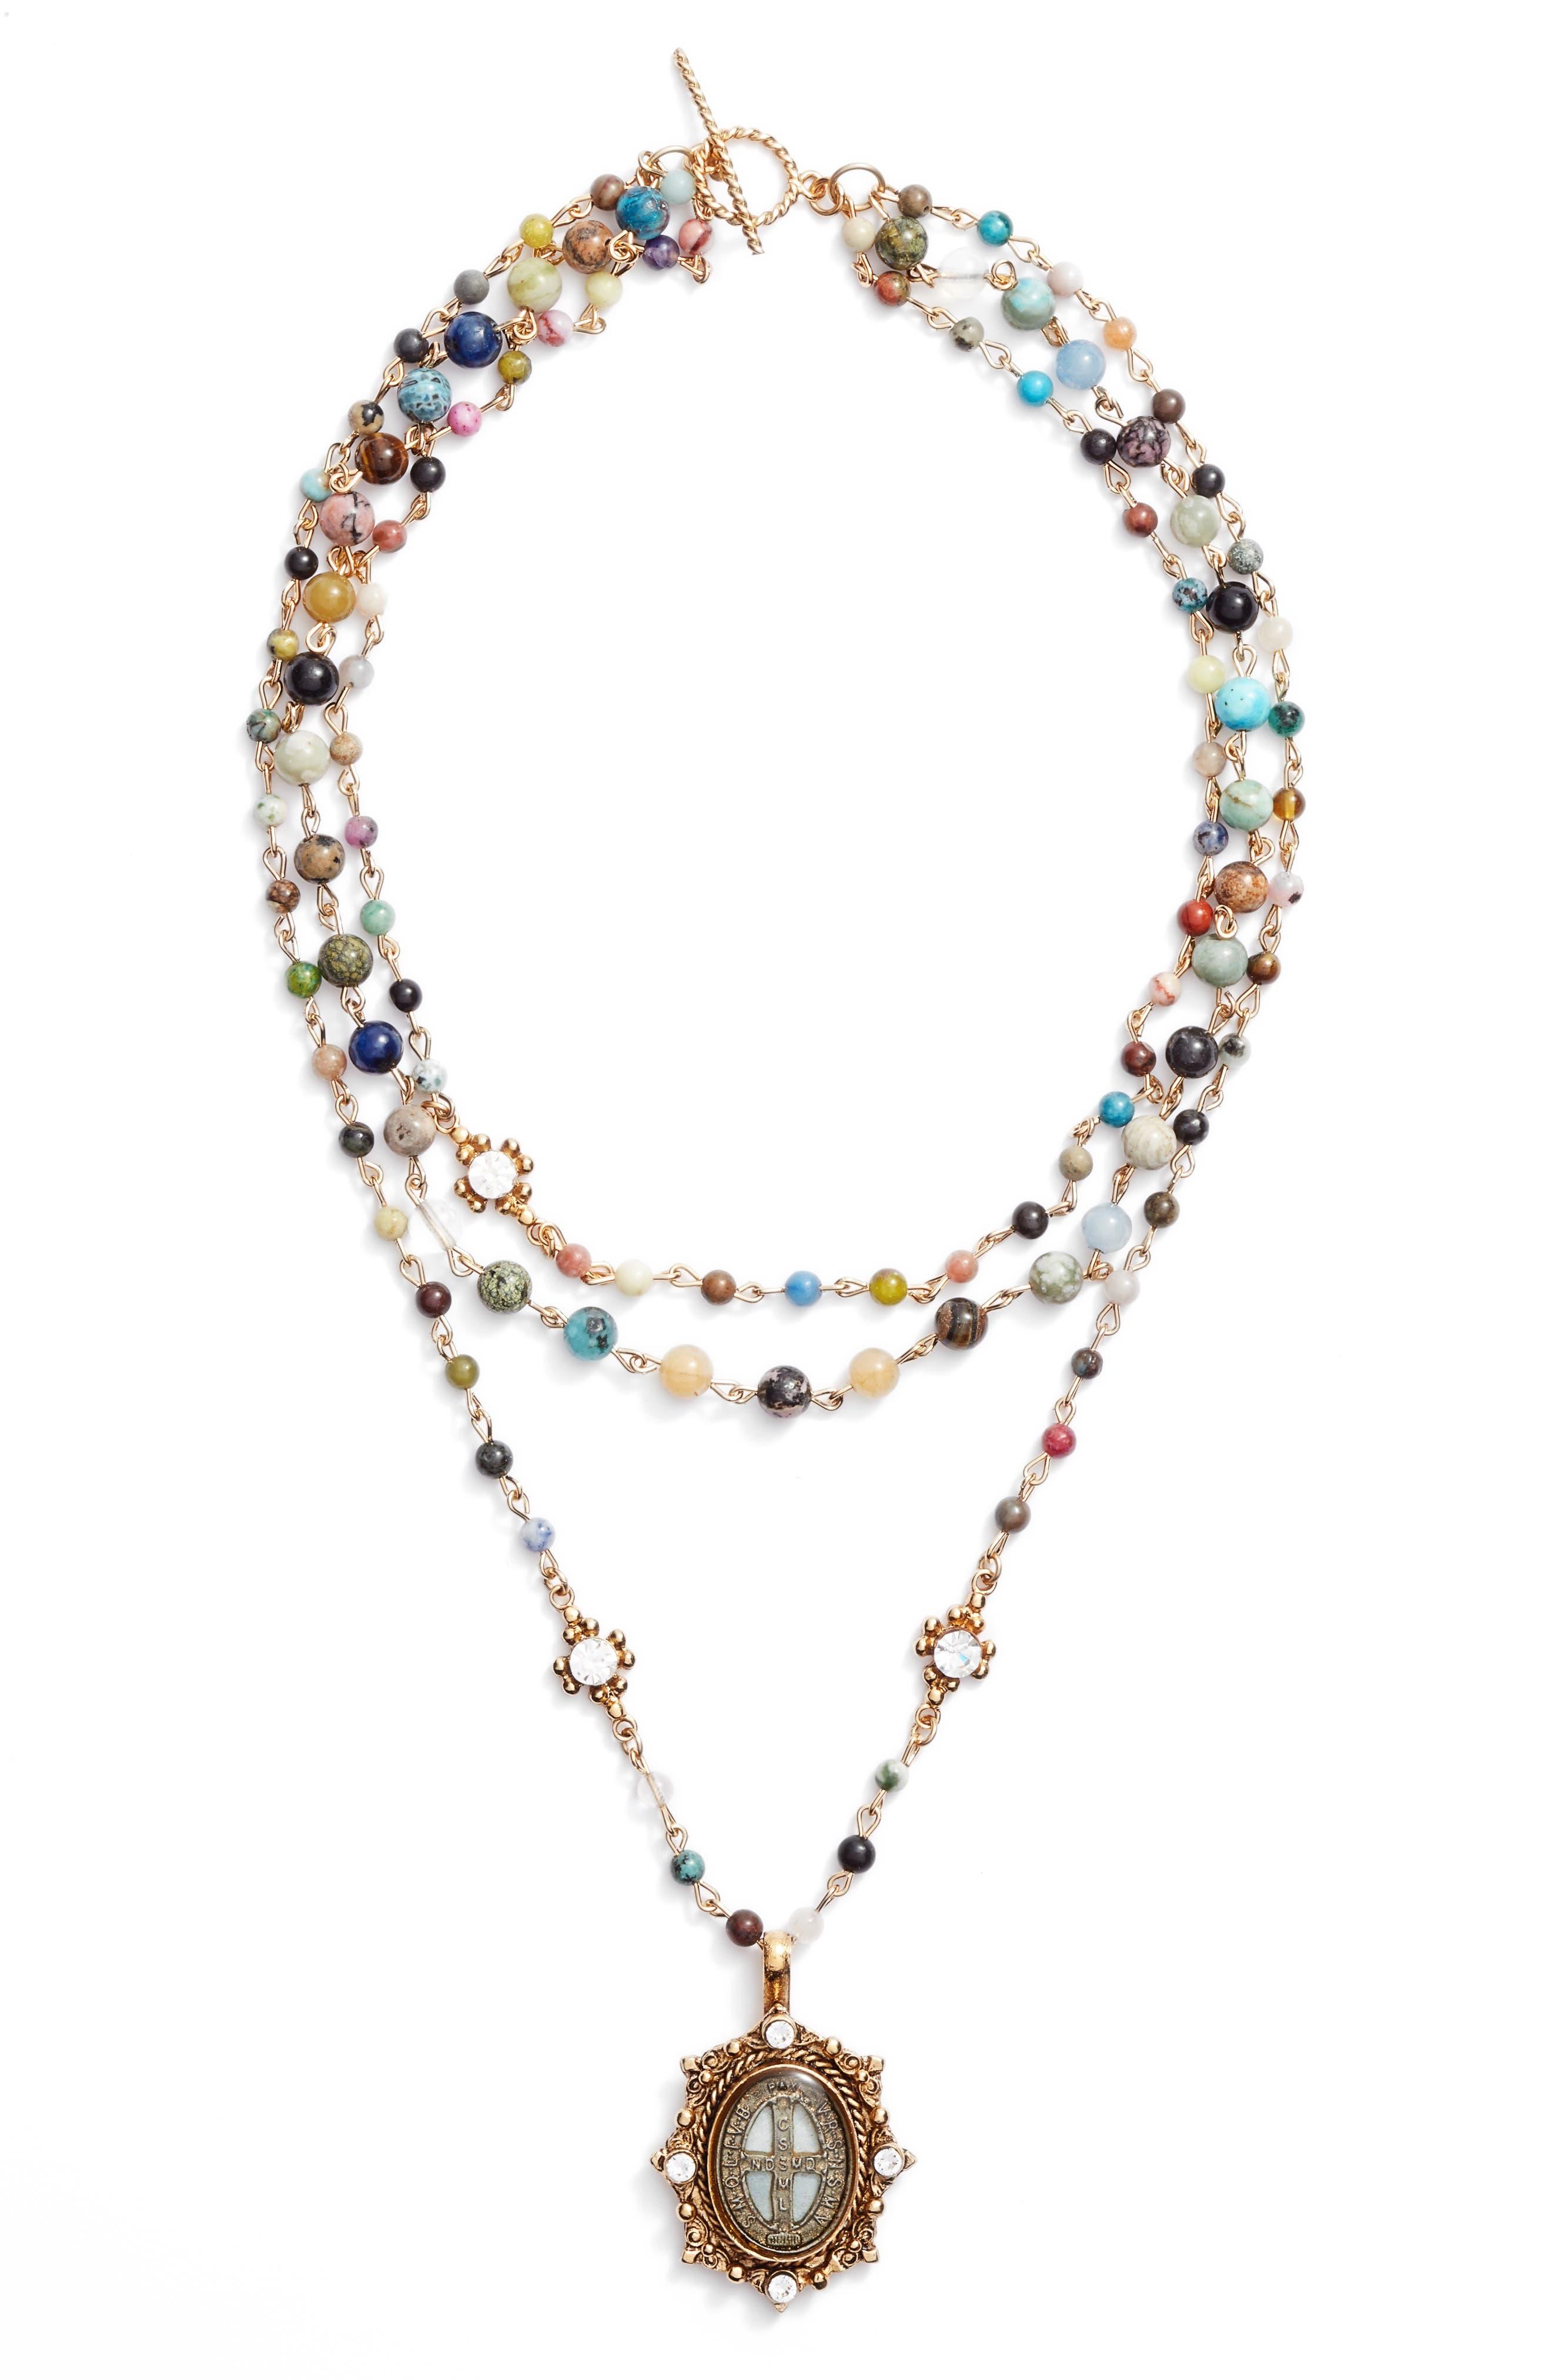 Magdalena Multistrand Necklace,                         Main,                         color, Gold/ Mixed Quartz